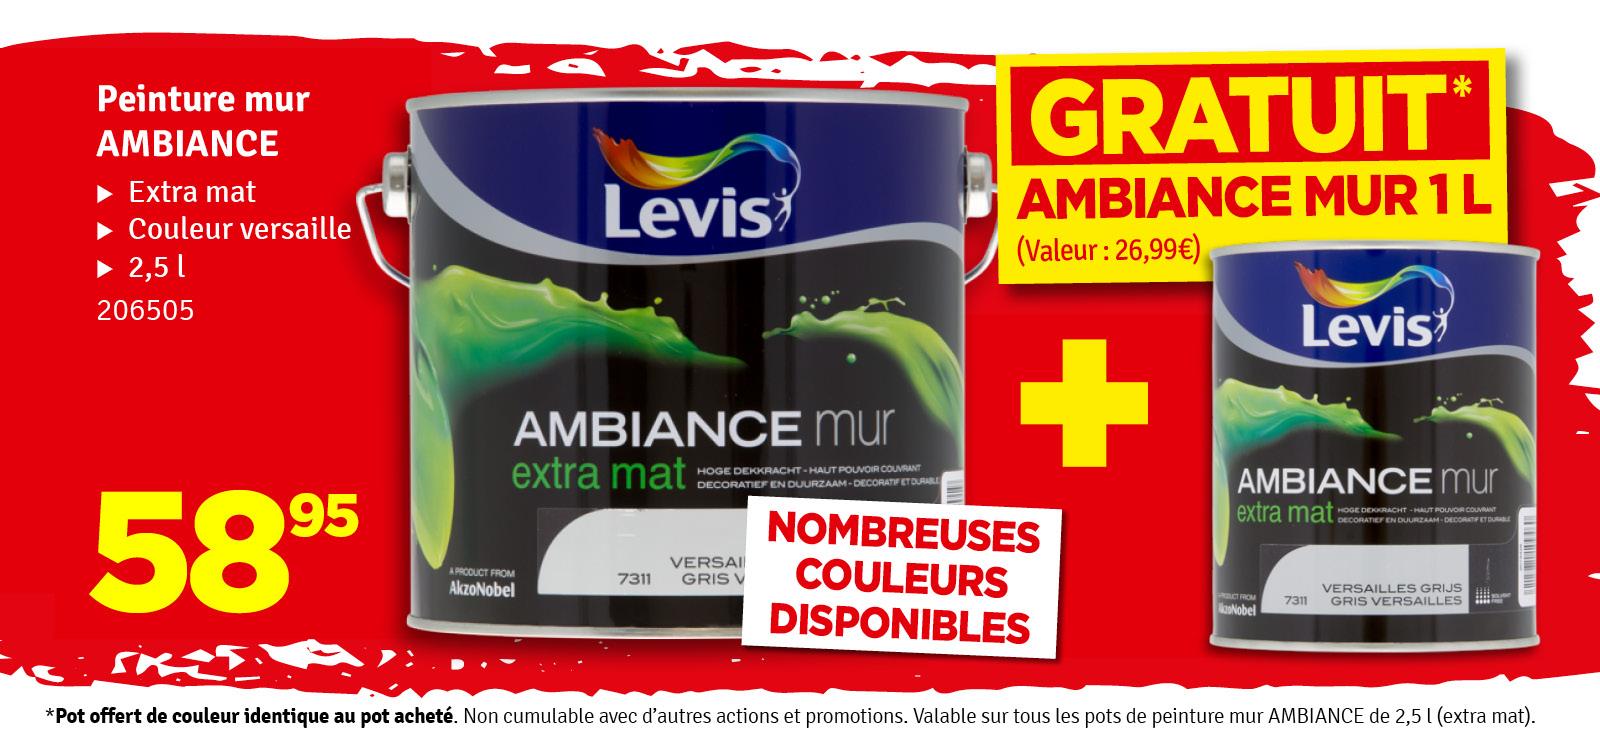 Promo - Ambiance LEVIS 1 L offert à l'achat de 2,5 L